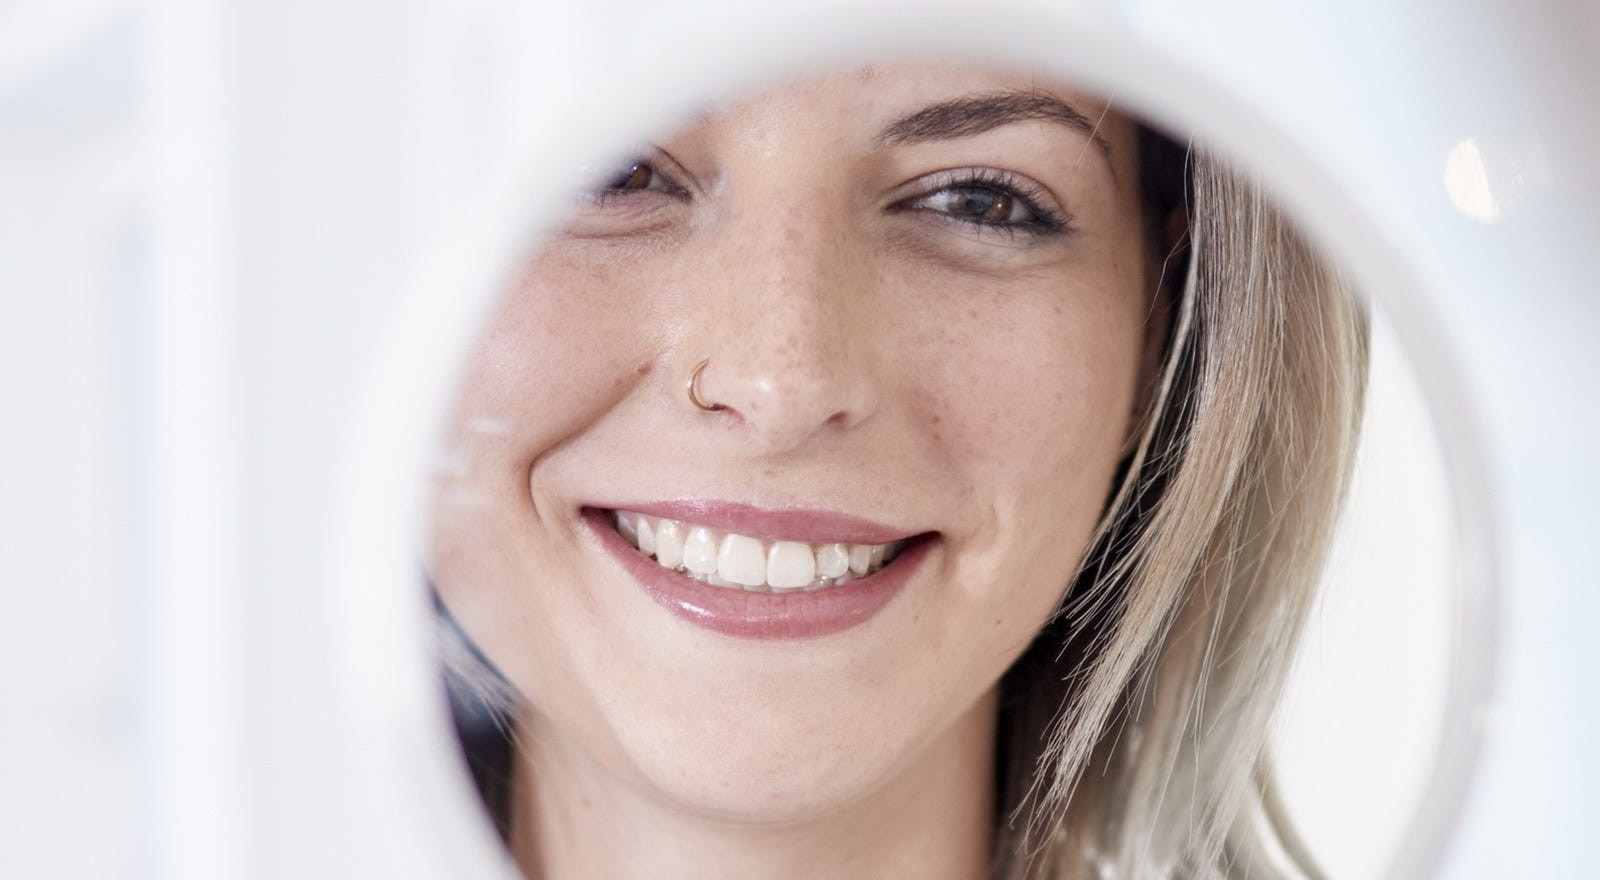 Glückliche Begutachtung vom Ergebnis der Permanent Make up Behandlung